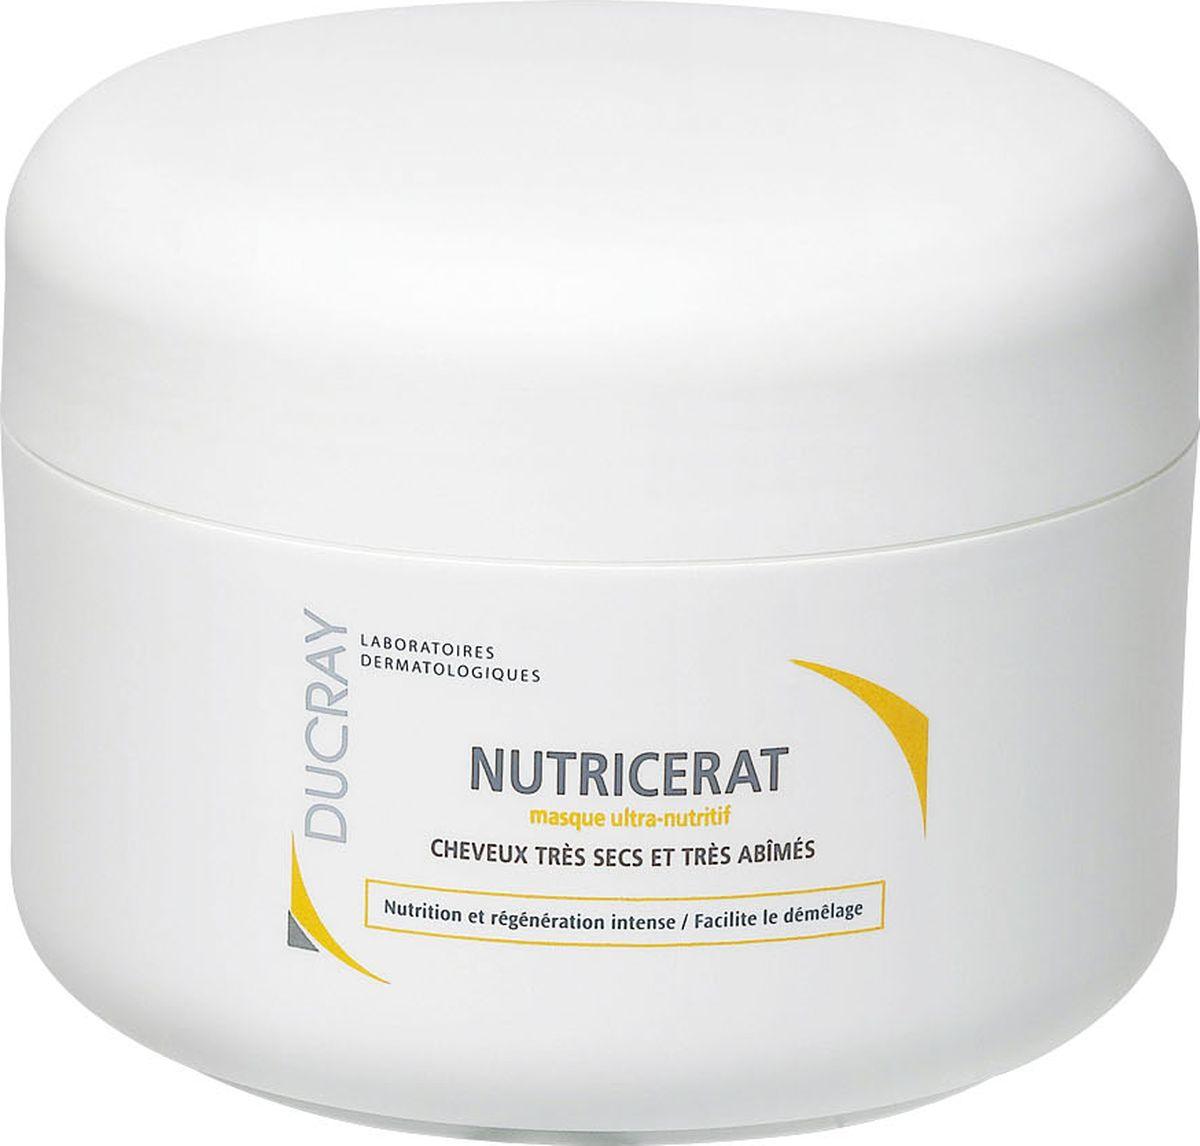 Ducray Сверхпитательная маска Neoptide 150млC17867Сверхпитательная маска Nutricerat (Нутрицерат) интенсивно питает и восстанавливает сухие поврежденный волосы по всей длине. Маска насыщена маслом Иллипа, которое обеспечивает проникновение питательных веществ в стержень волоса, что гарантирует глубокое восстановление волос. Маска также содержит релипидирующий комплекс (натурального происхождения), образованного фосфолипидами и скваленом для восстановления волос и защиты от дальнейших повреждений. Высокая концентрация липидных веществ обеспечивает мягкость волос и сияние. Кремовая текстура маски делает ее использование особенно приятным.